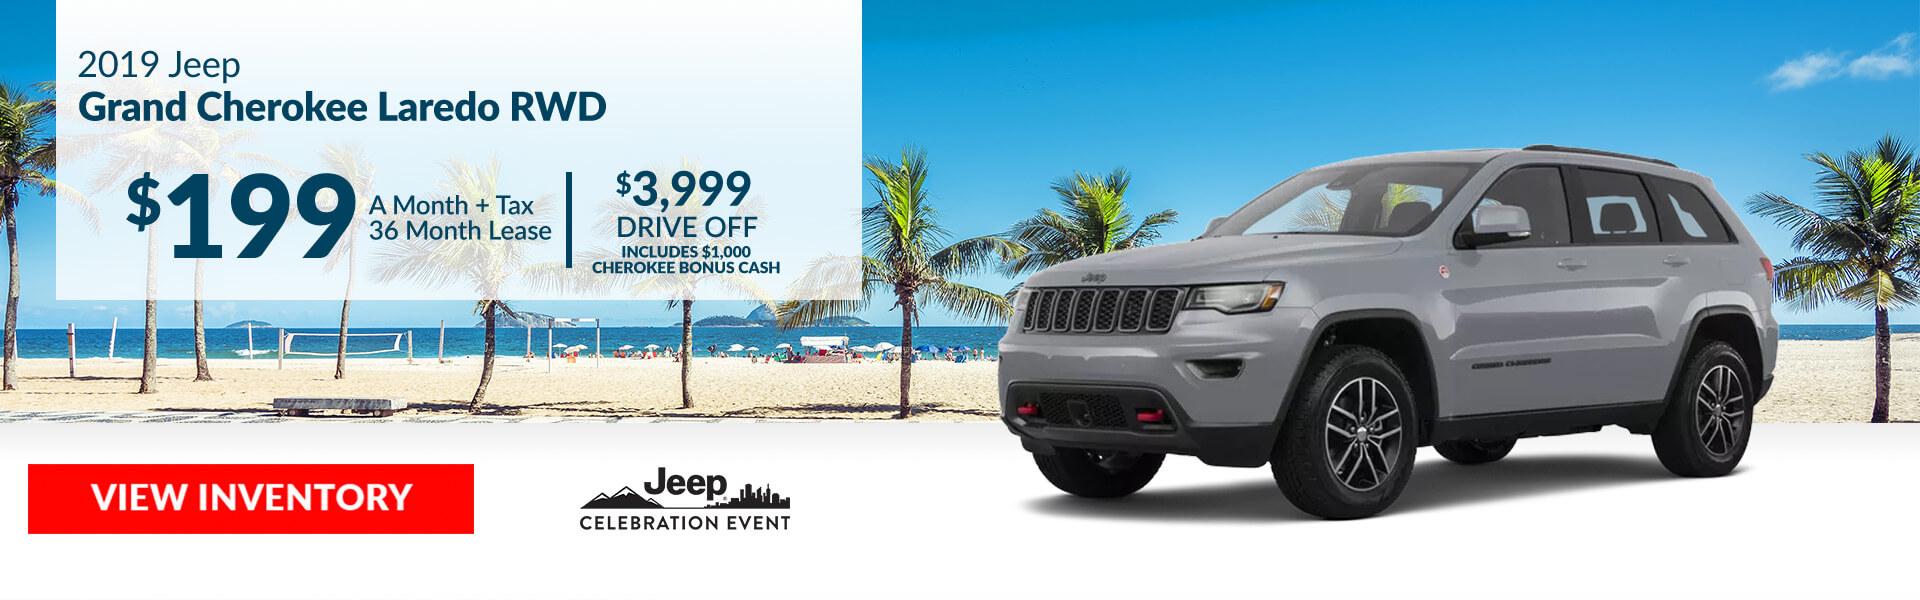 Jeep Dealership Los Angeles >> New Used Chrysler Dodge Jeep Ram Dealer Serving Fullerton West